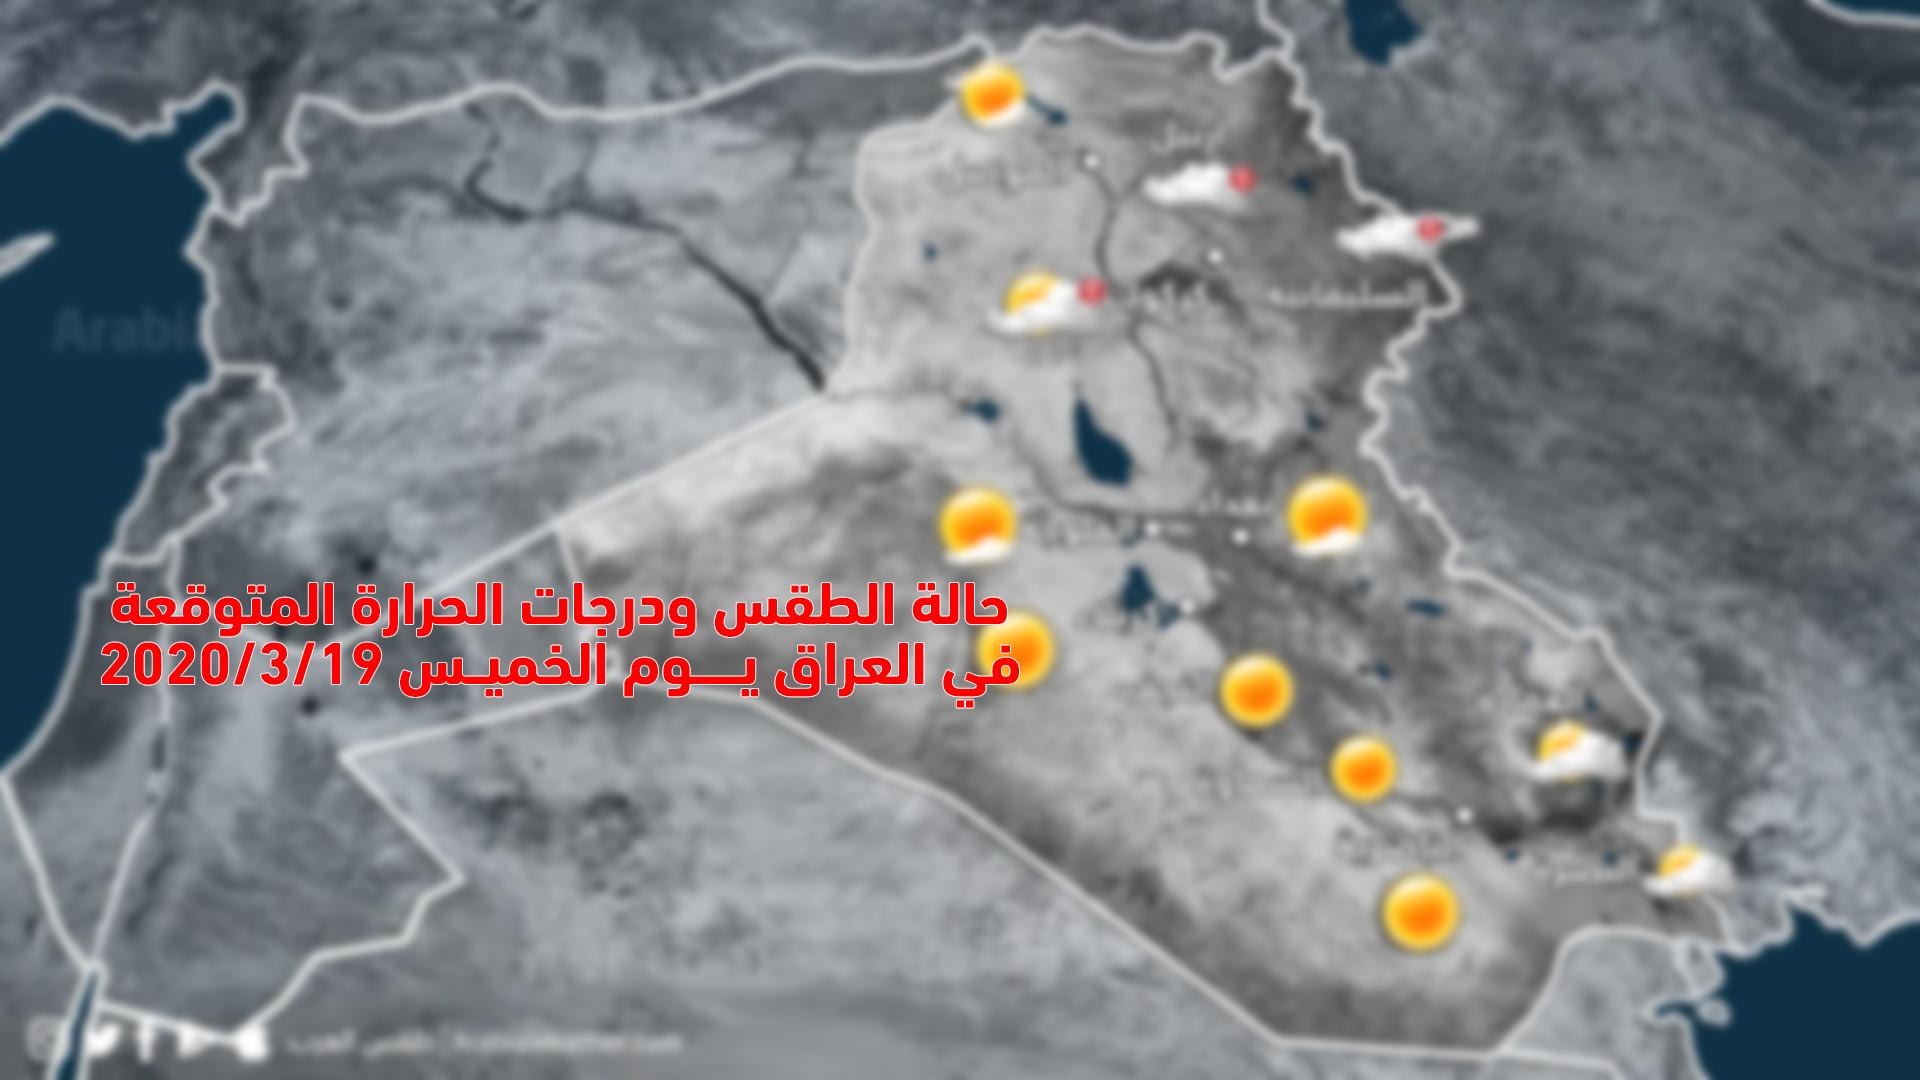 العراق حالة الطقس ودرجات الحرارة المتوقعة يوم الخميس 2020 3 19 طقس العرب طقس العرب